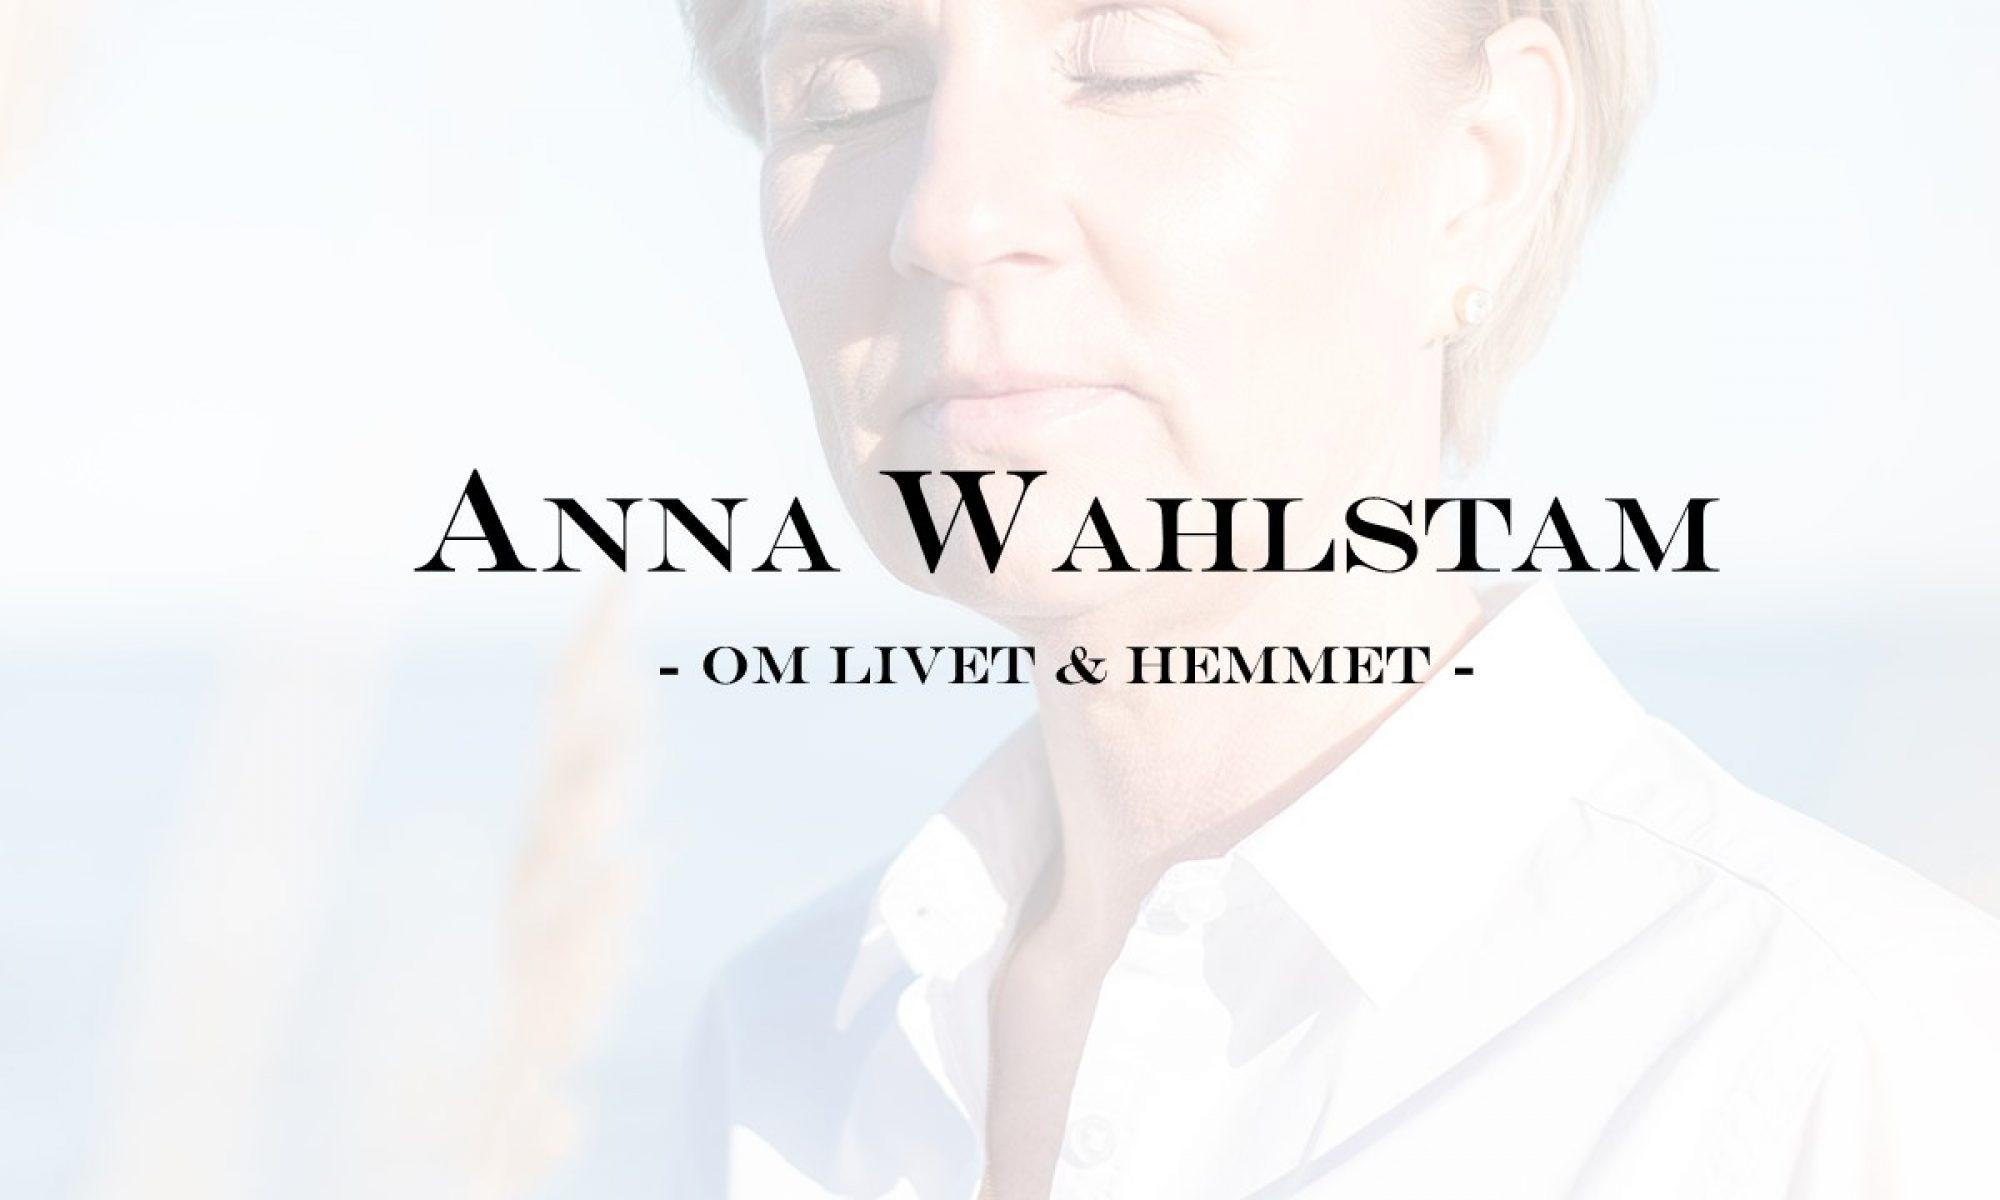 Anna Wahlstam